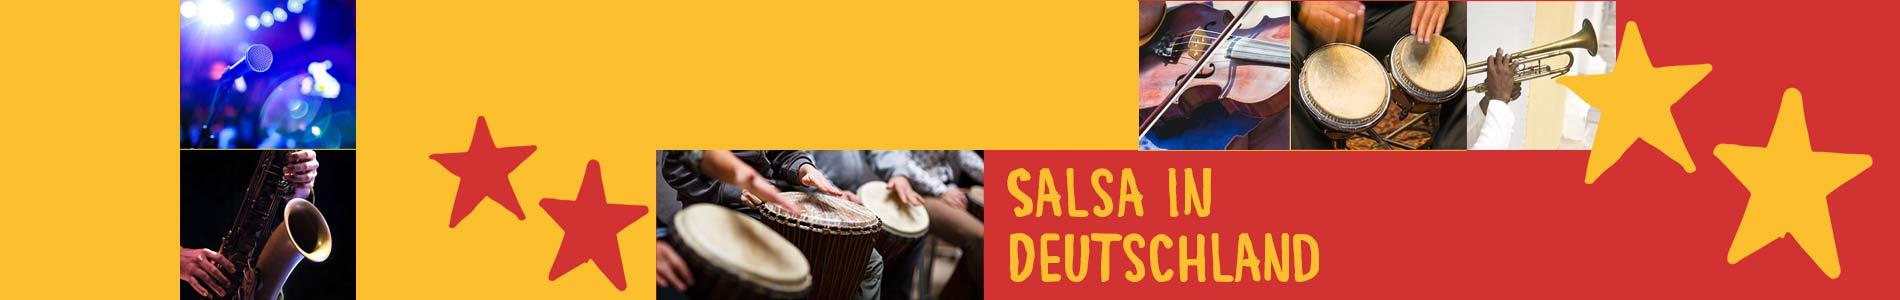 Salsa in Deidesheim – Salsa lernen und tanzen, Tanzkurse, Partys, Veranstaltungen